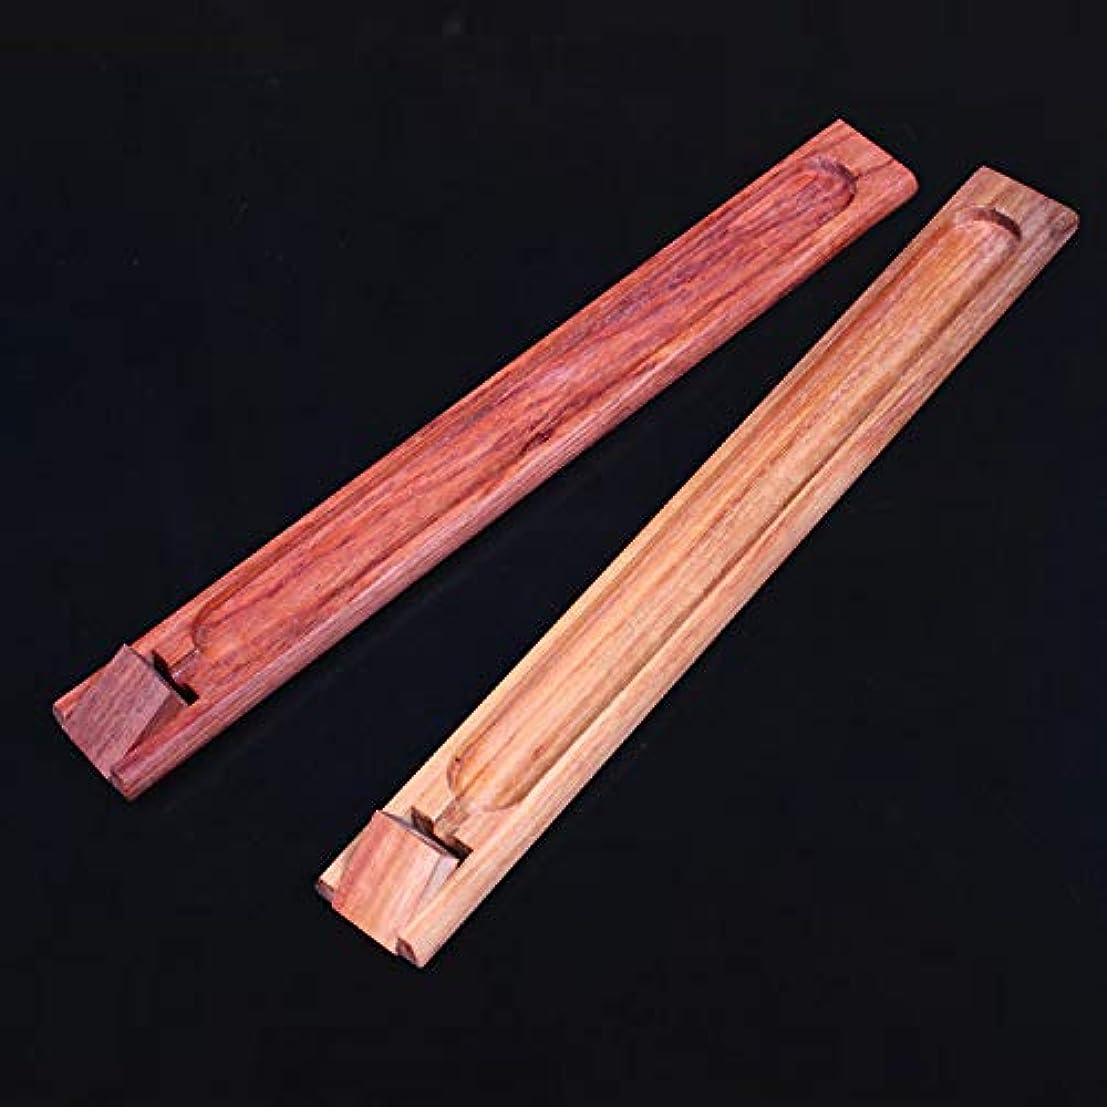 トリム道徳上がるPHILOGOD マホガニー香炉 仏壇用線香立て 手作り香置物 お香 ホルダー (adjustable)